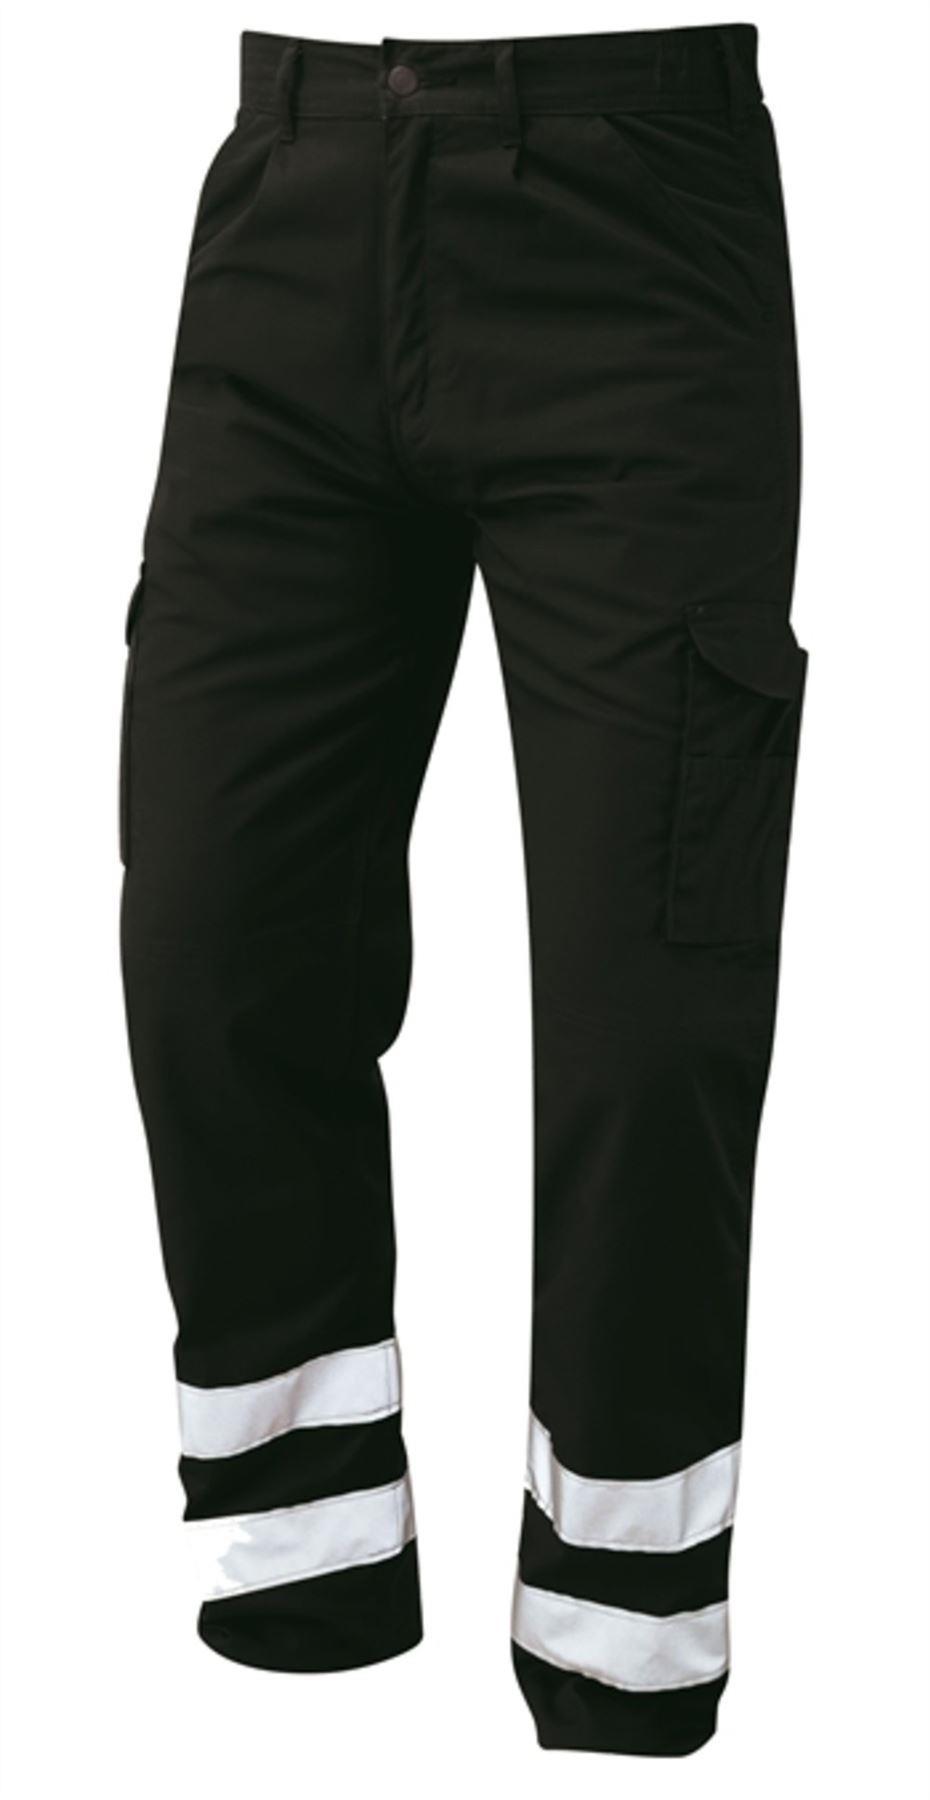 Orn Condor Hi Vis Kneepad Trousers - Black|48W35L